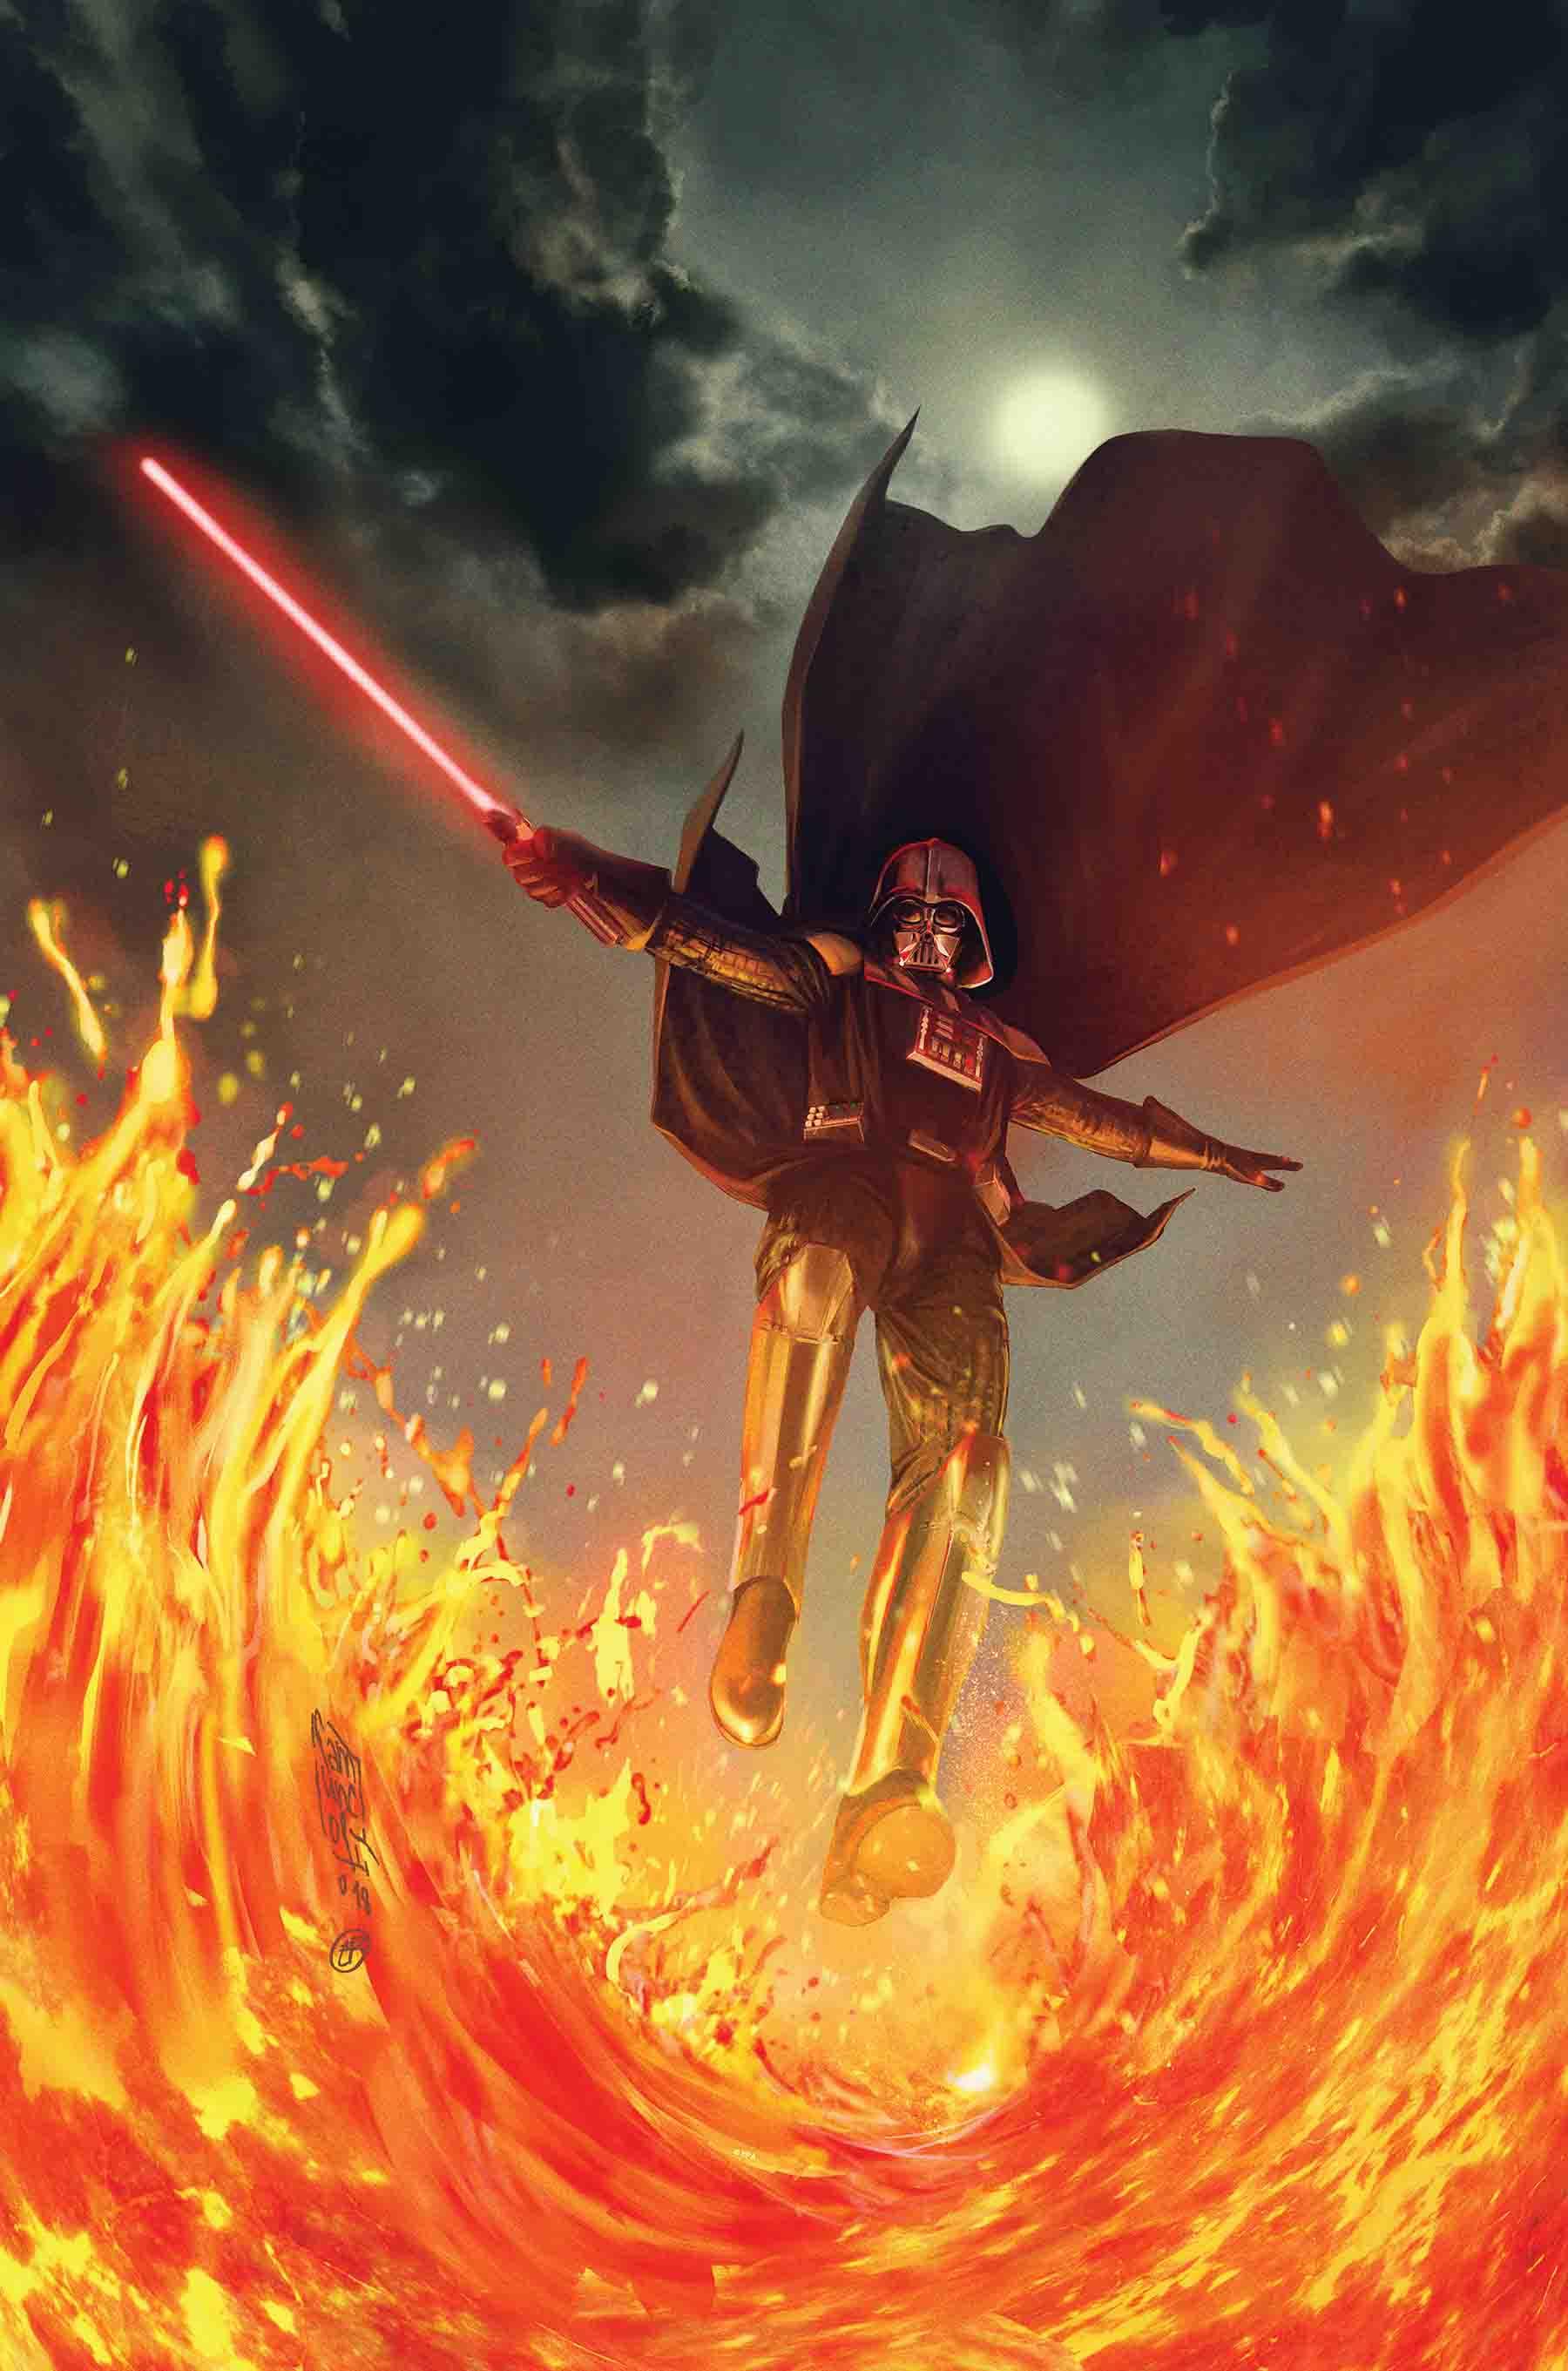 Звёздные войны. Дарт Вейдер, тёмный лорд ситхов 21: Крепость Вейдера, часть 3